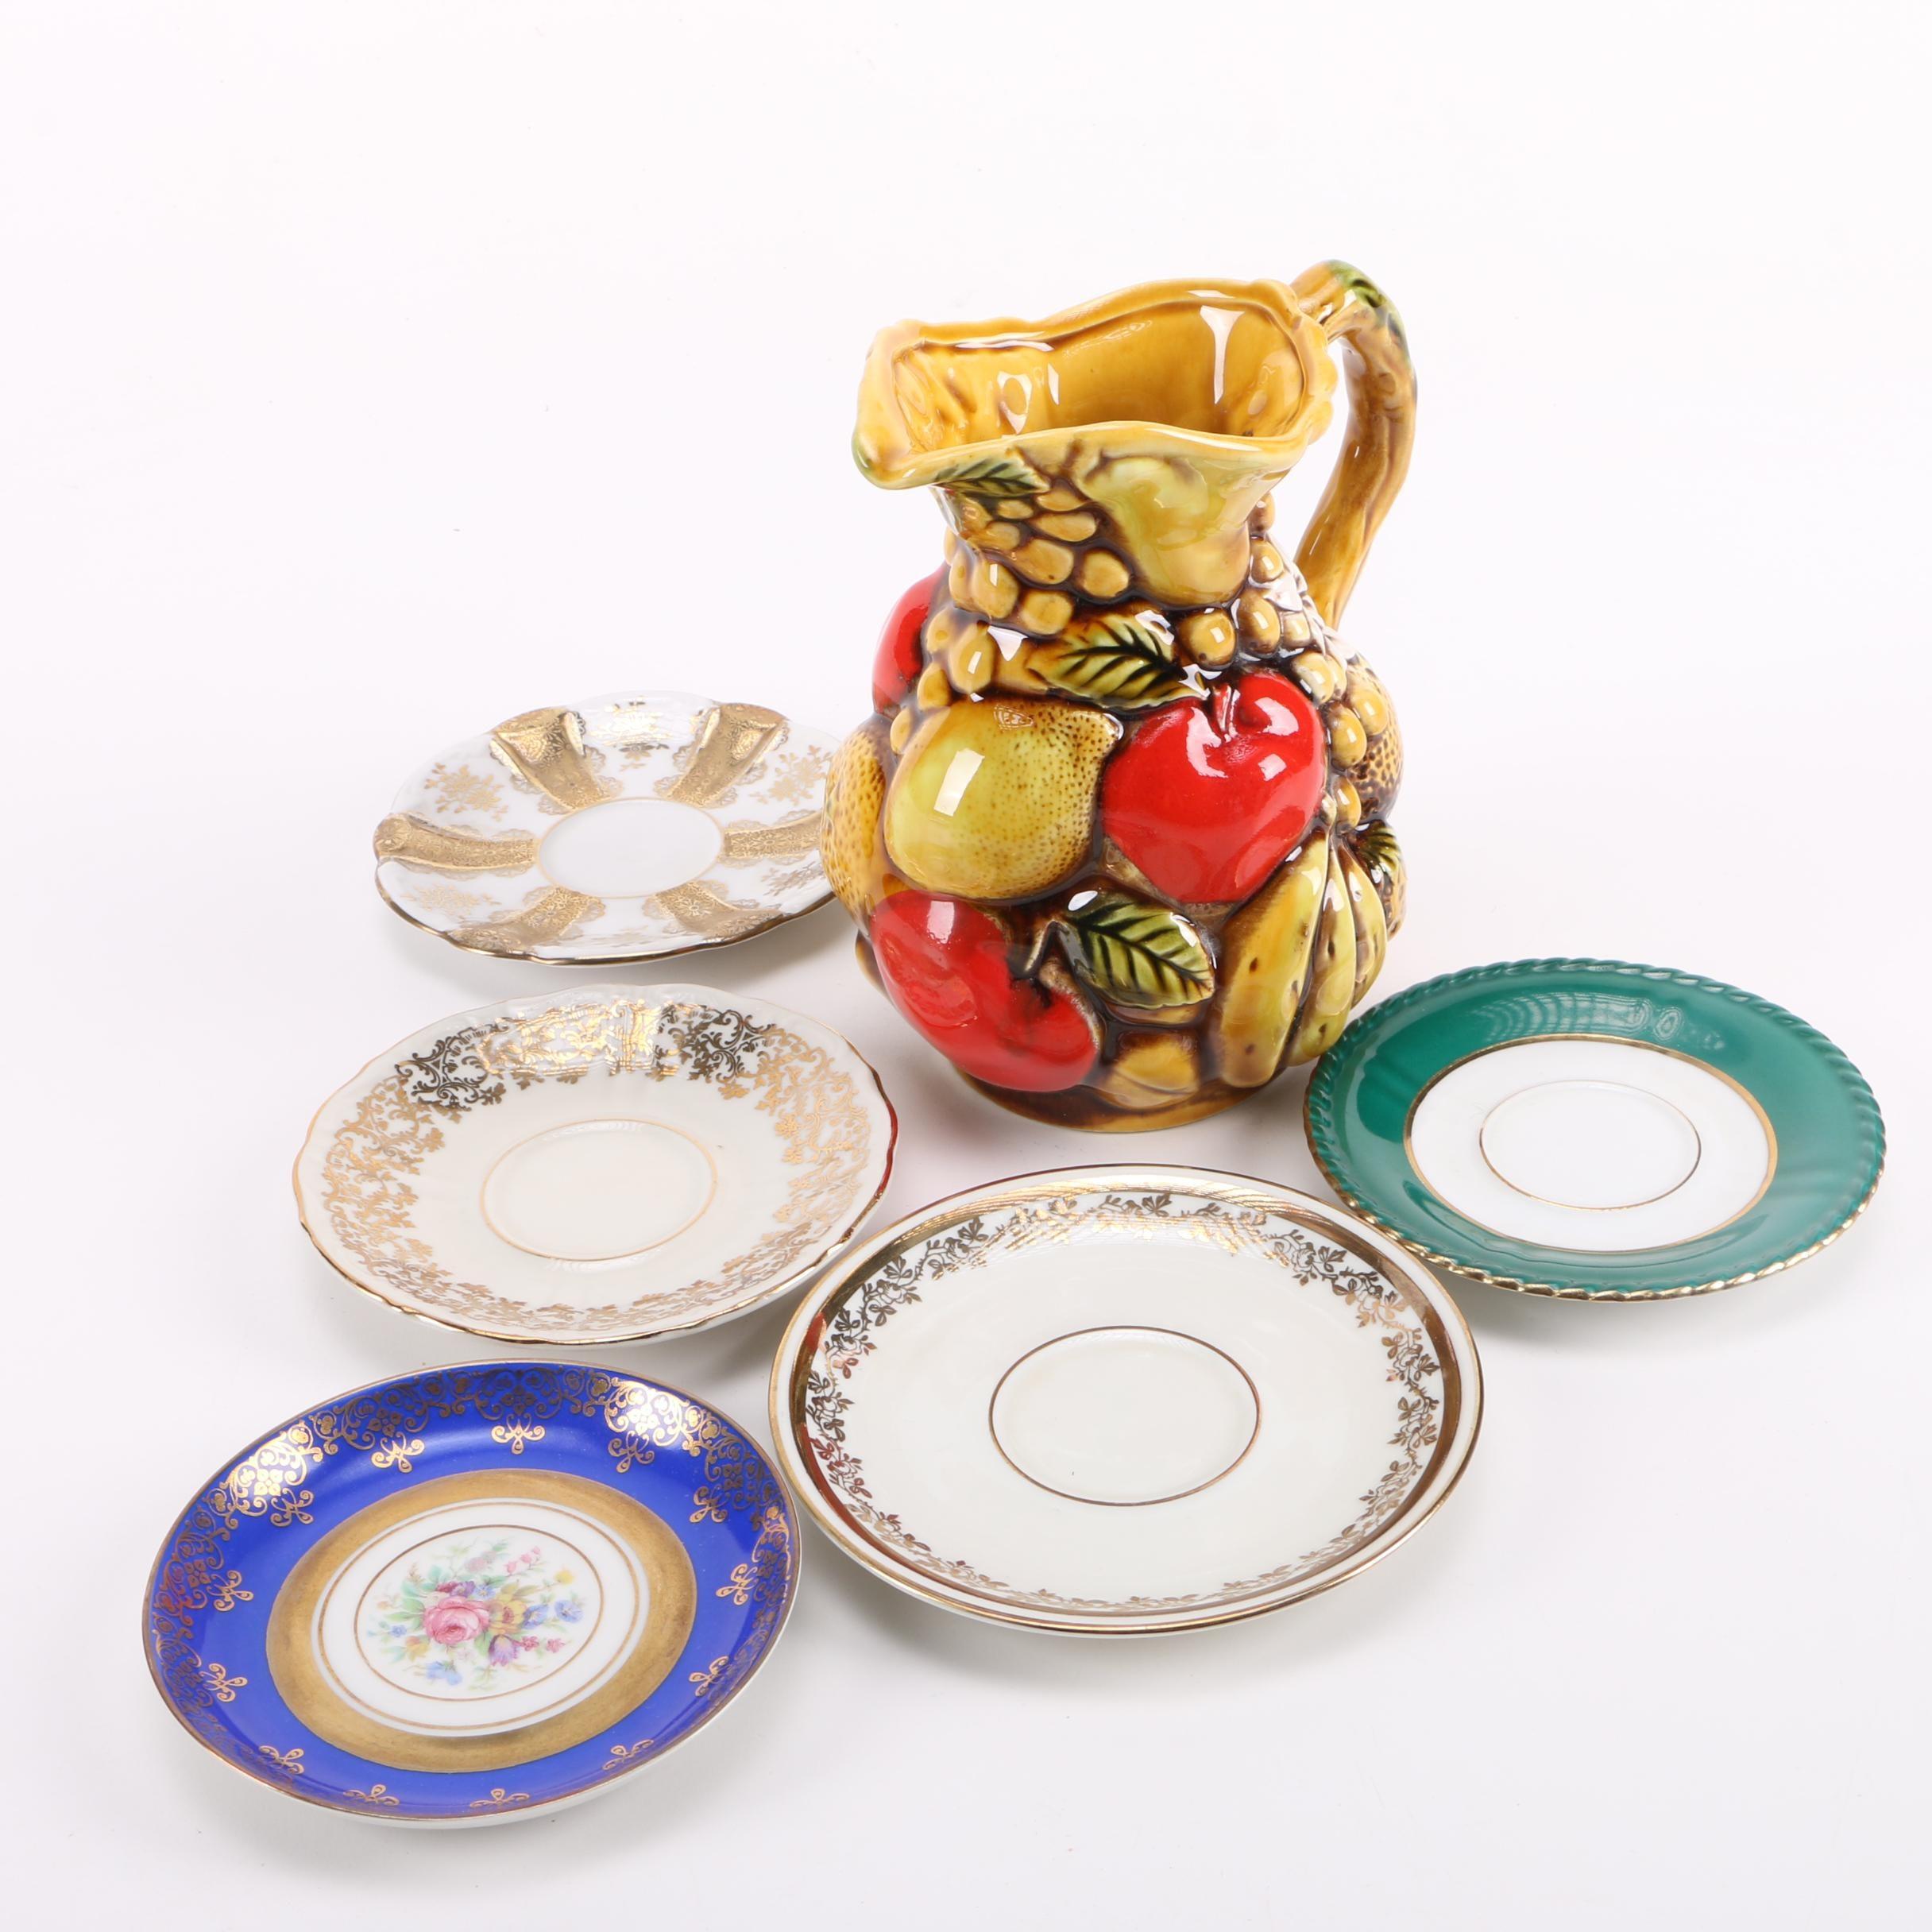 Assortment of Ceramic Tableware